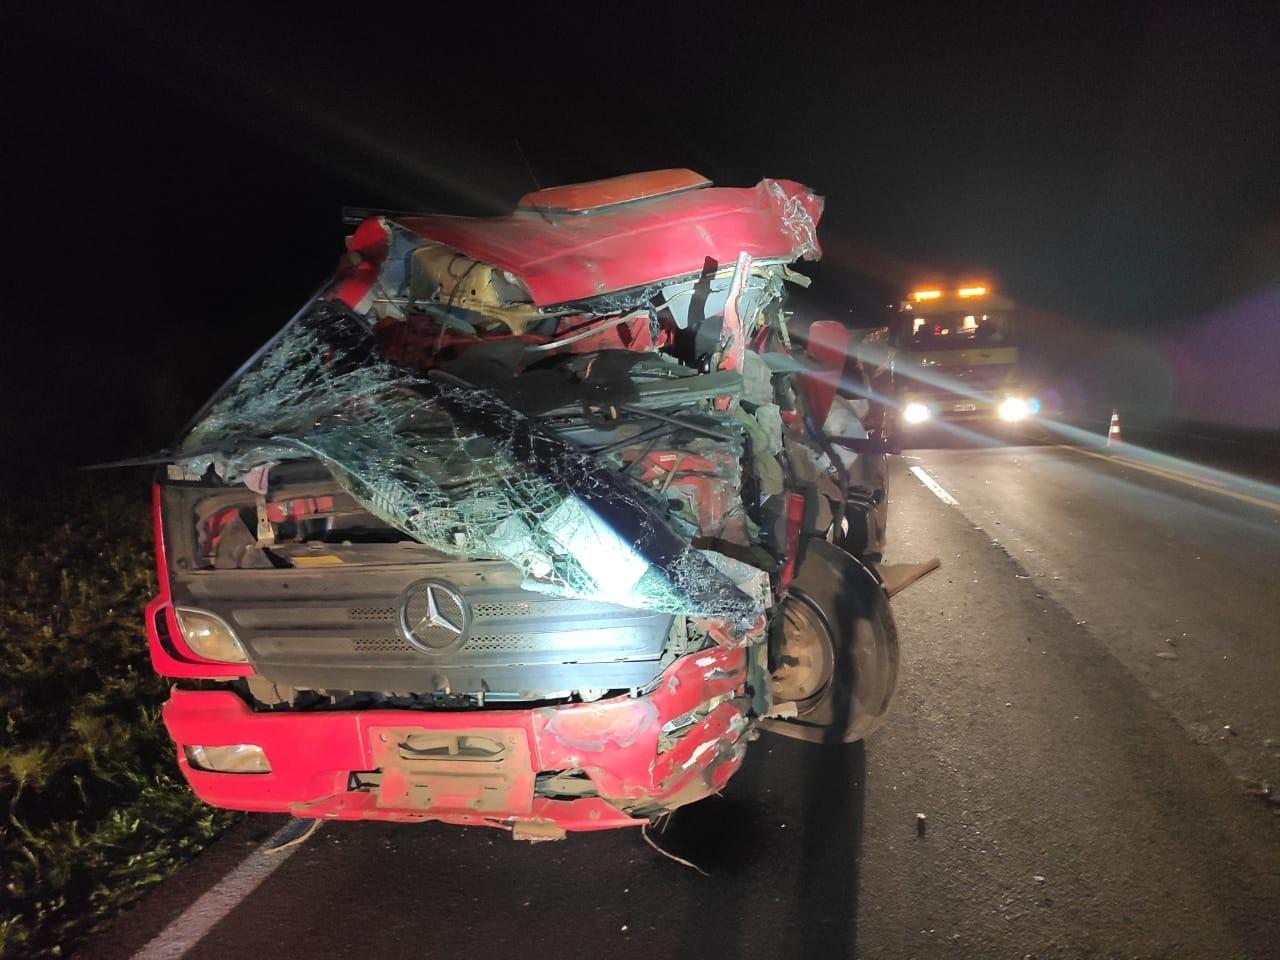 Caminhão bitrem faz ultrapassagem em local proibido e causa acidente com seis feridos em Candói, diz PRF